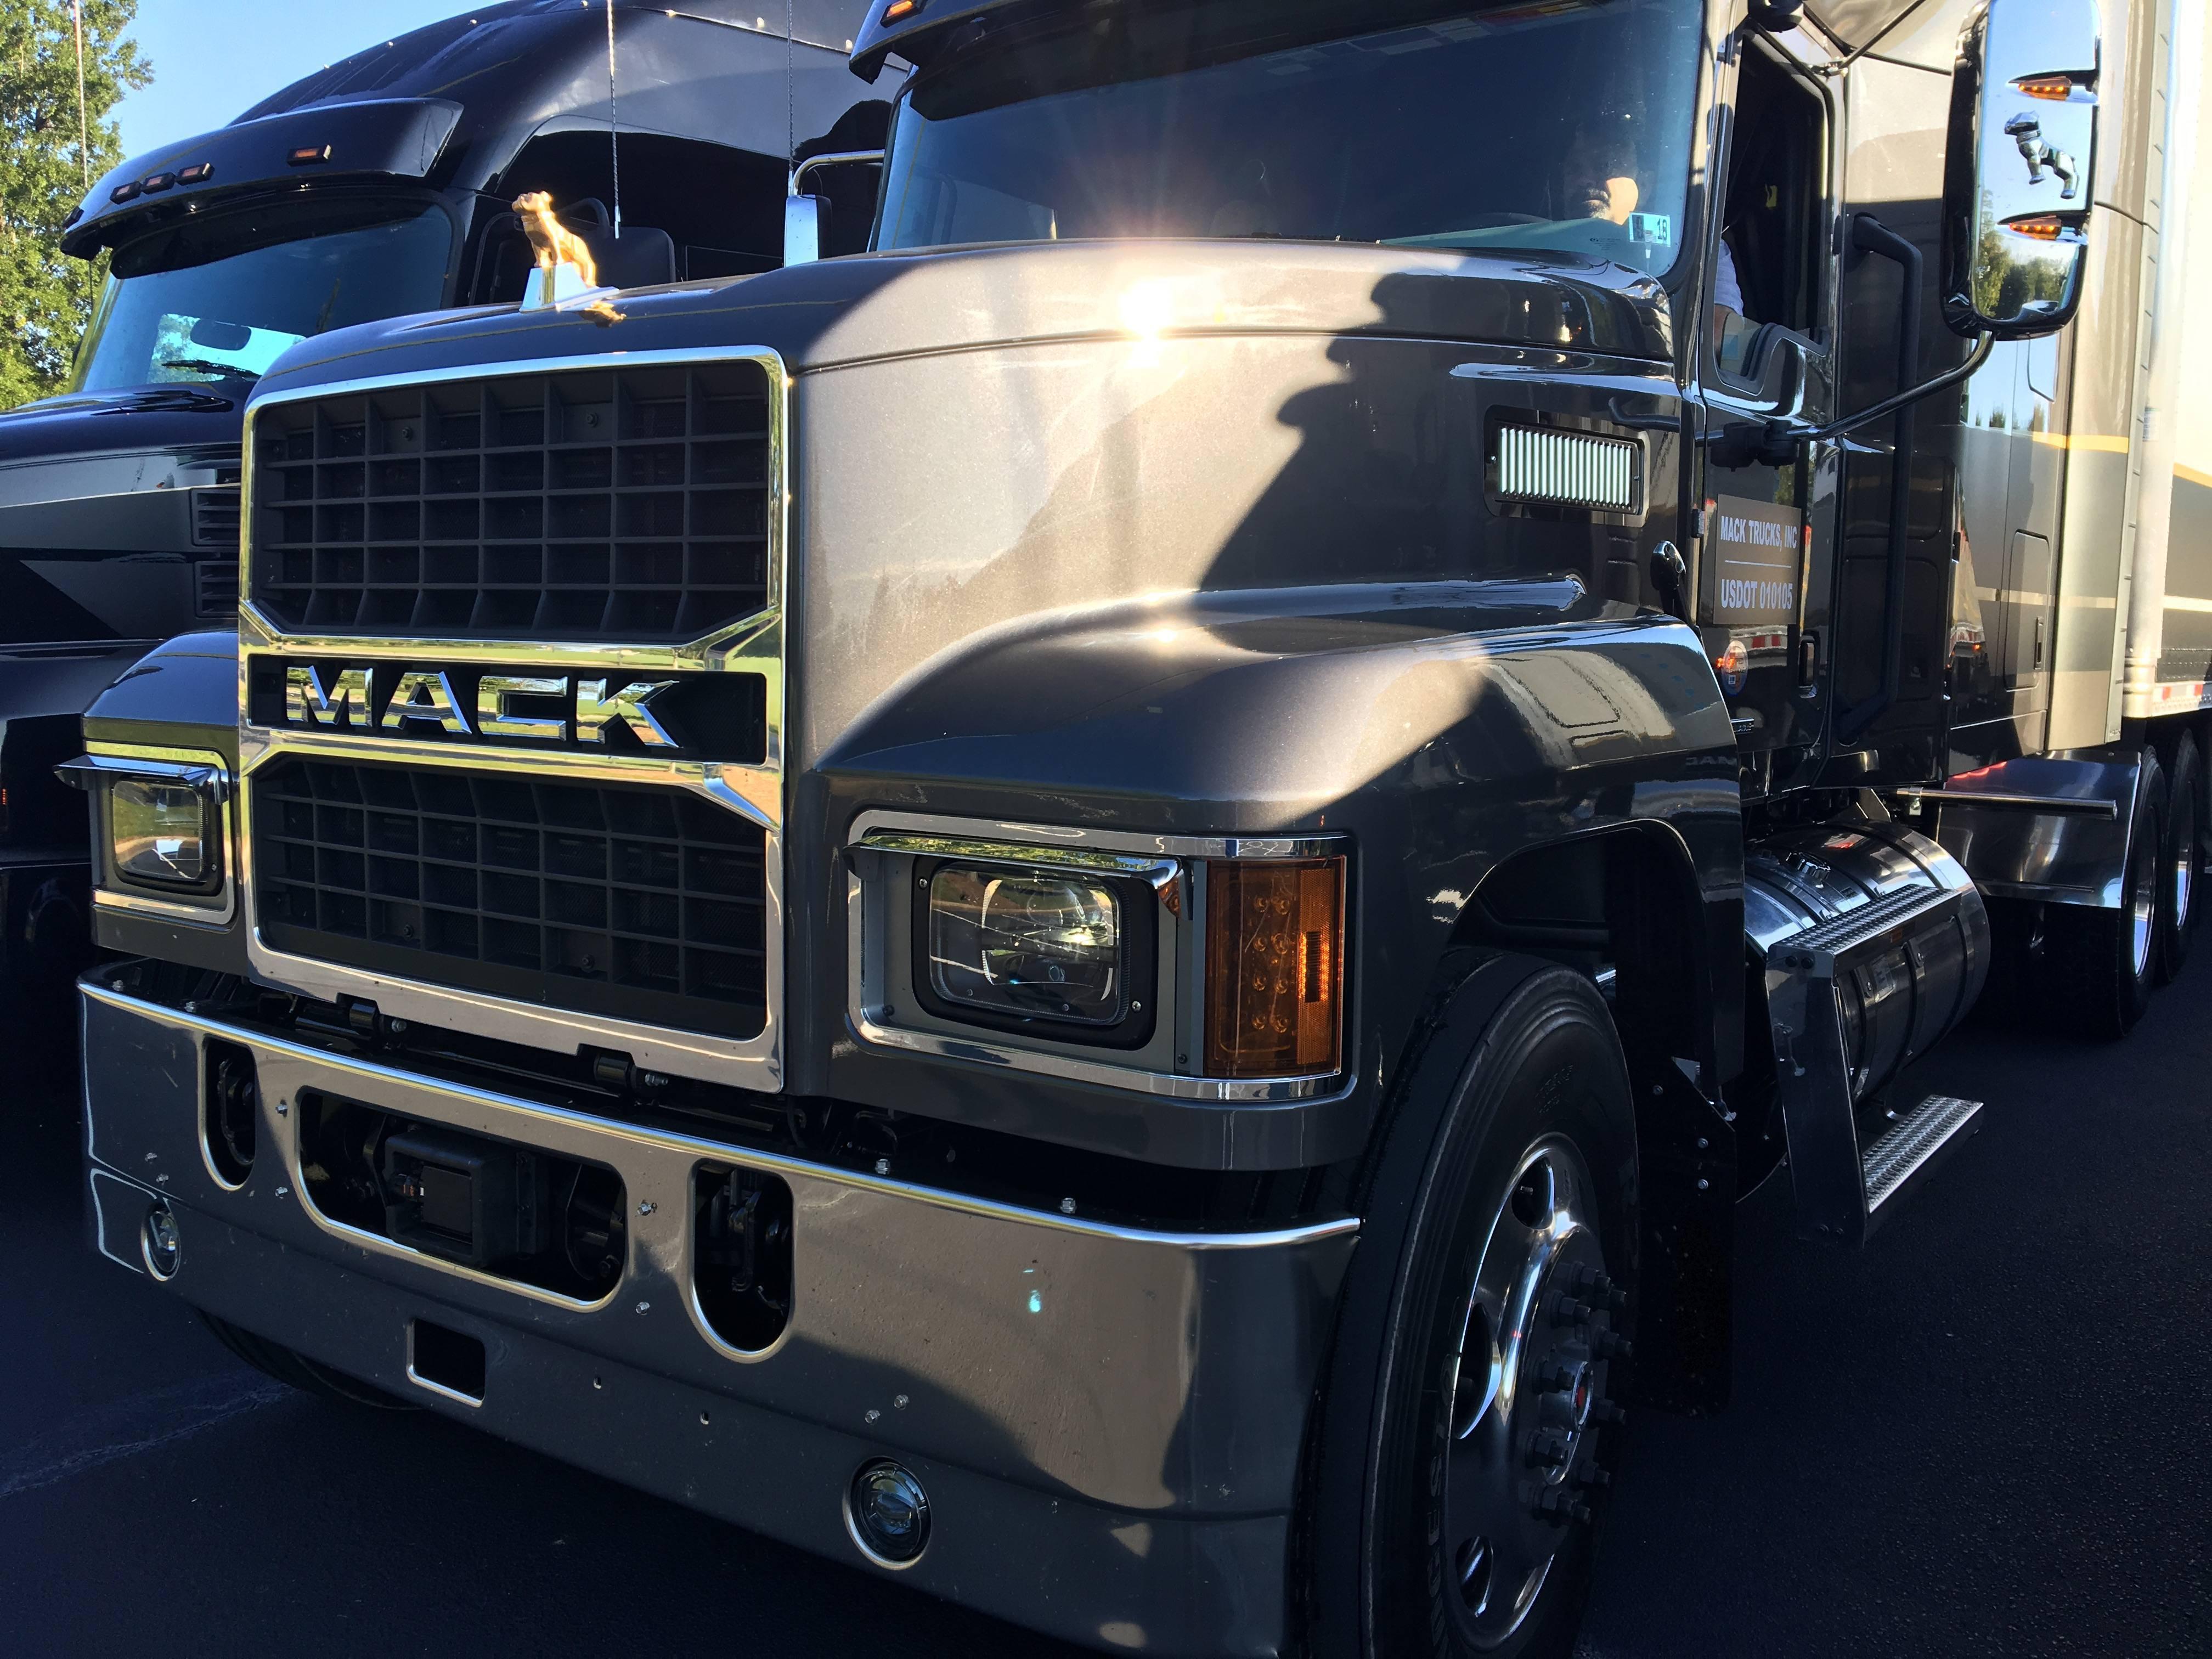 Mack Trucks Pinnacle Model Semi-Truck